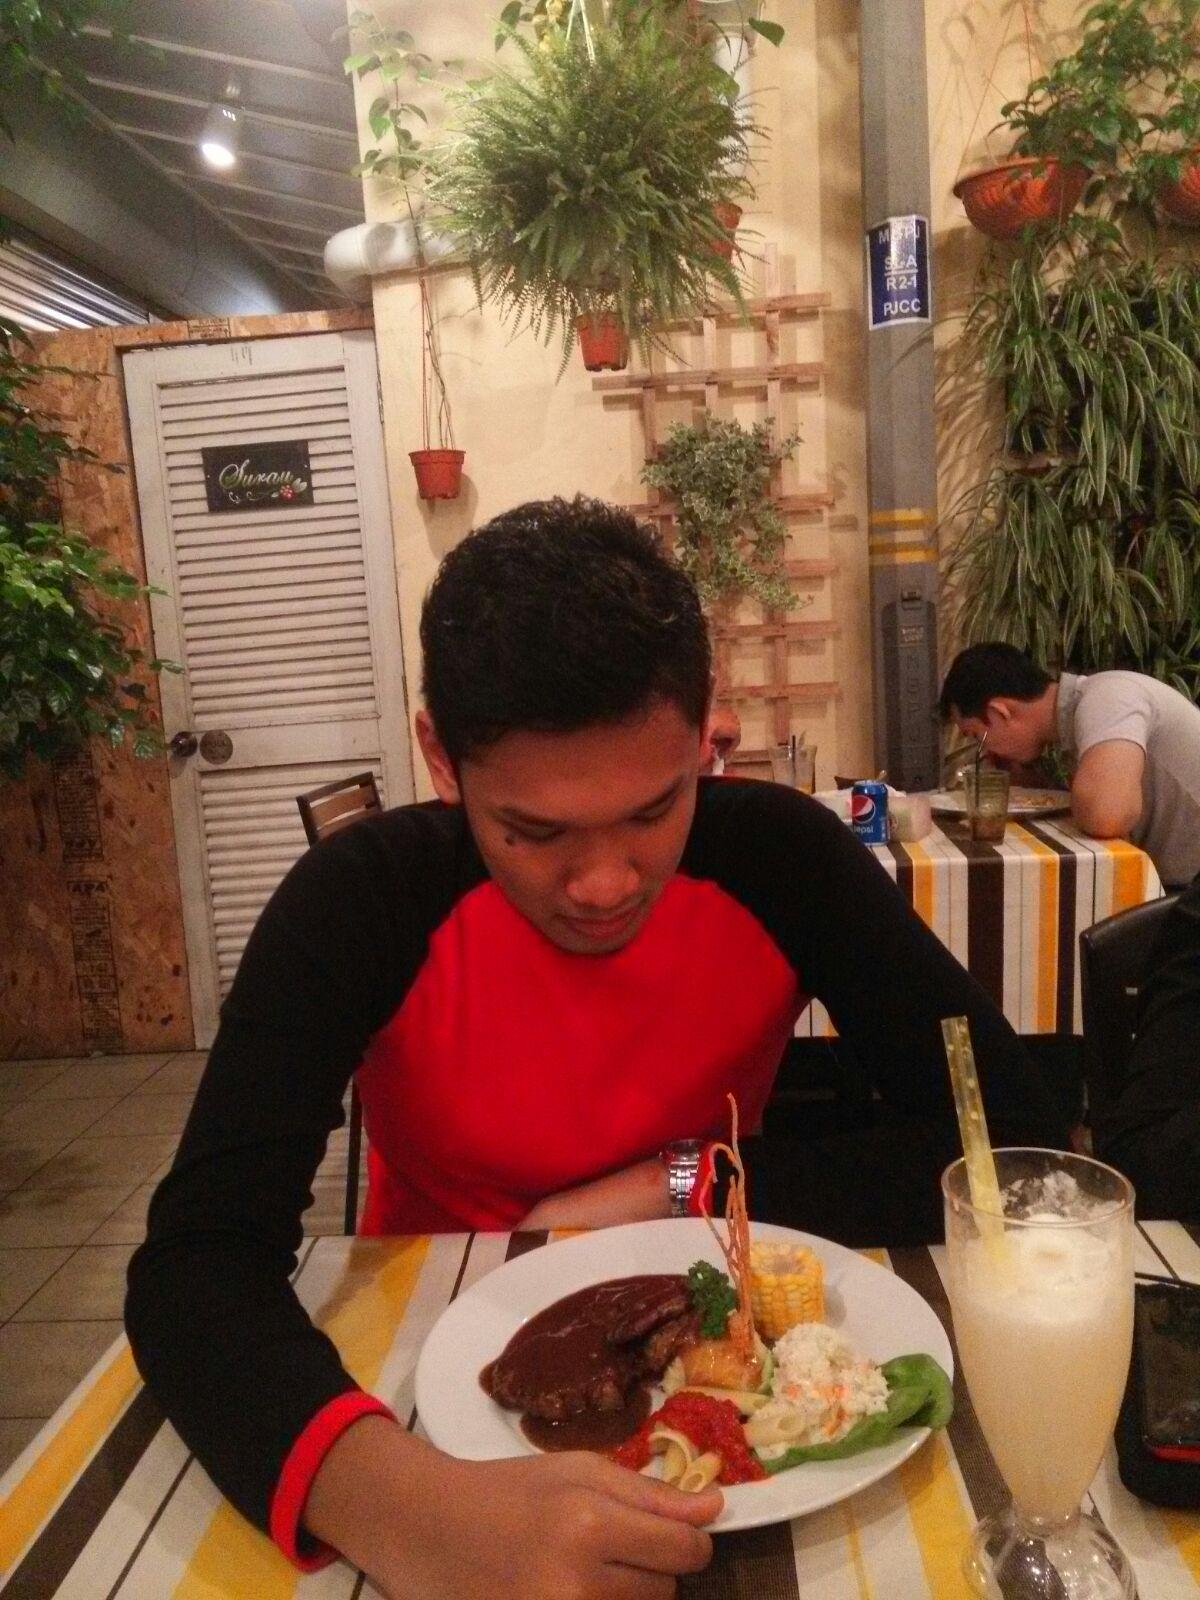 Cafe Jiran - Petaling Jaya, Selangor